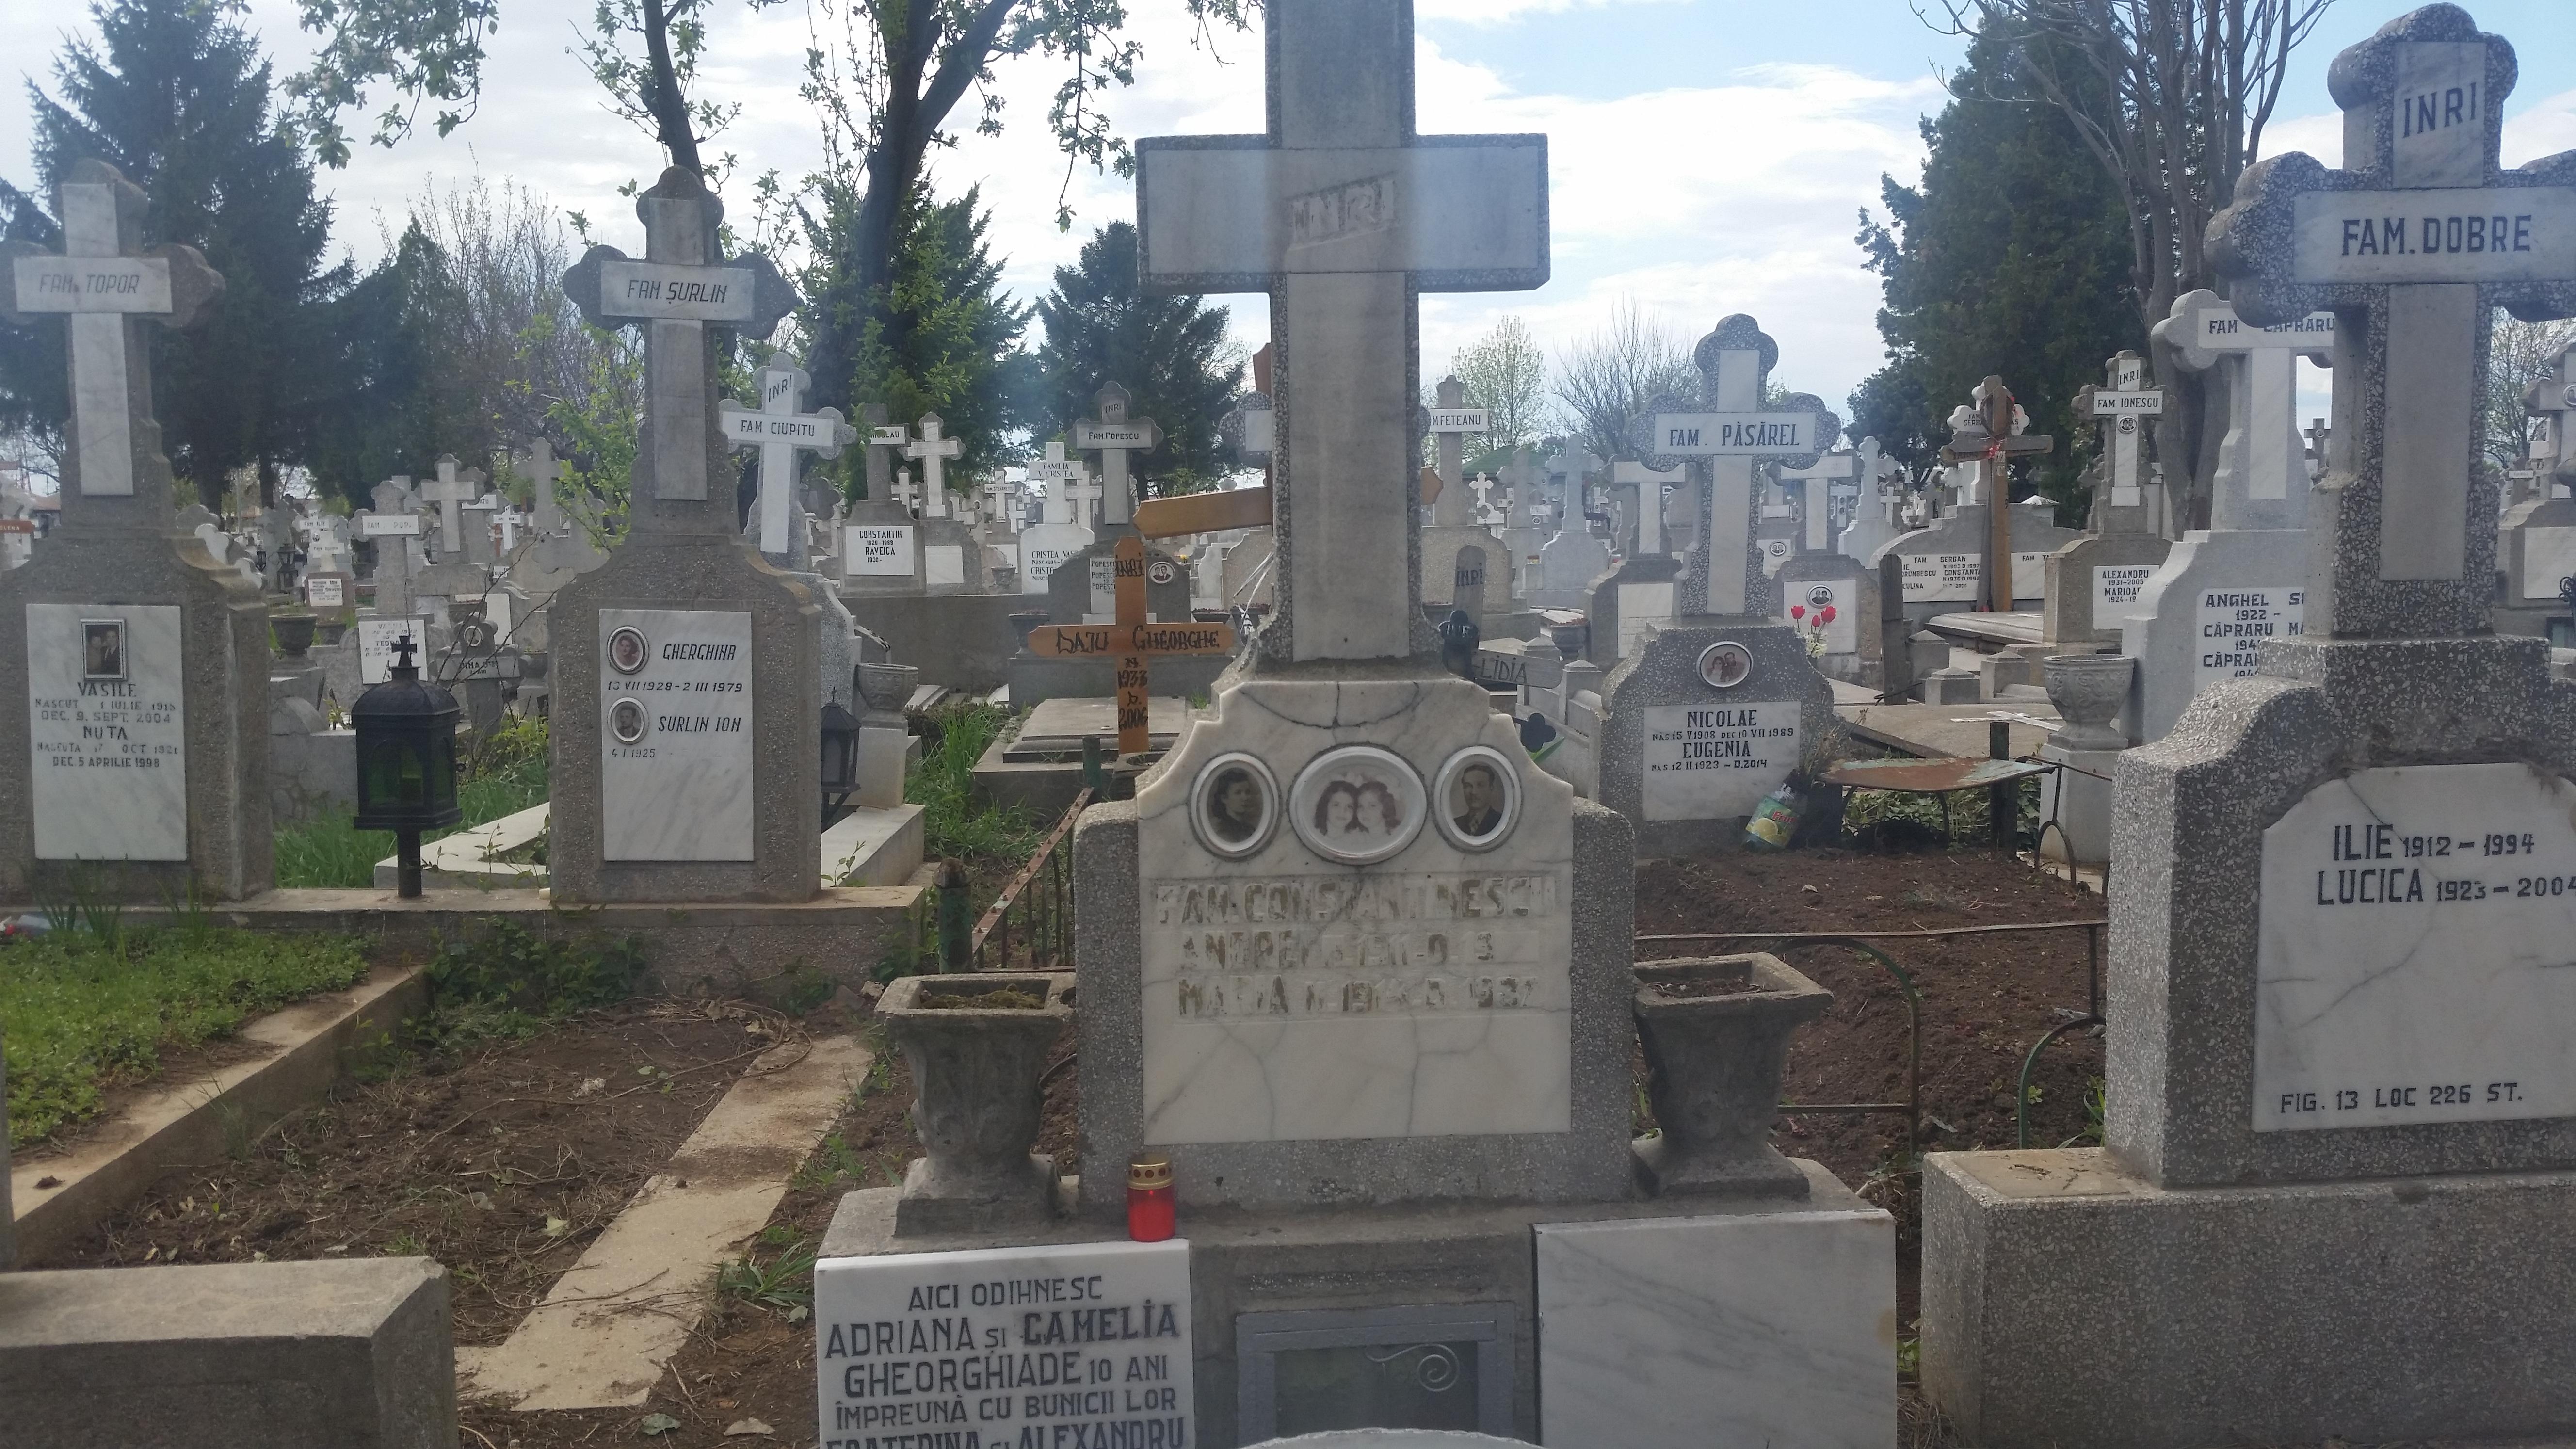 Marti nu era nicio urma de lumanare, dar acum un personaj misterios a aprins o candela la monumentul funerar